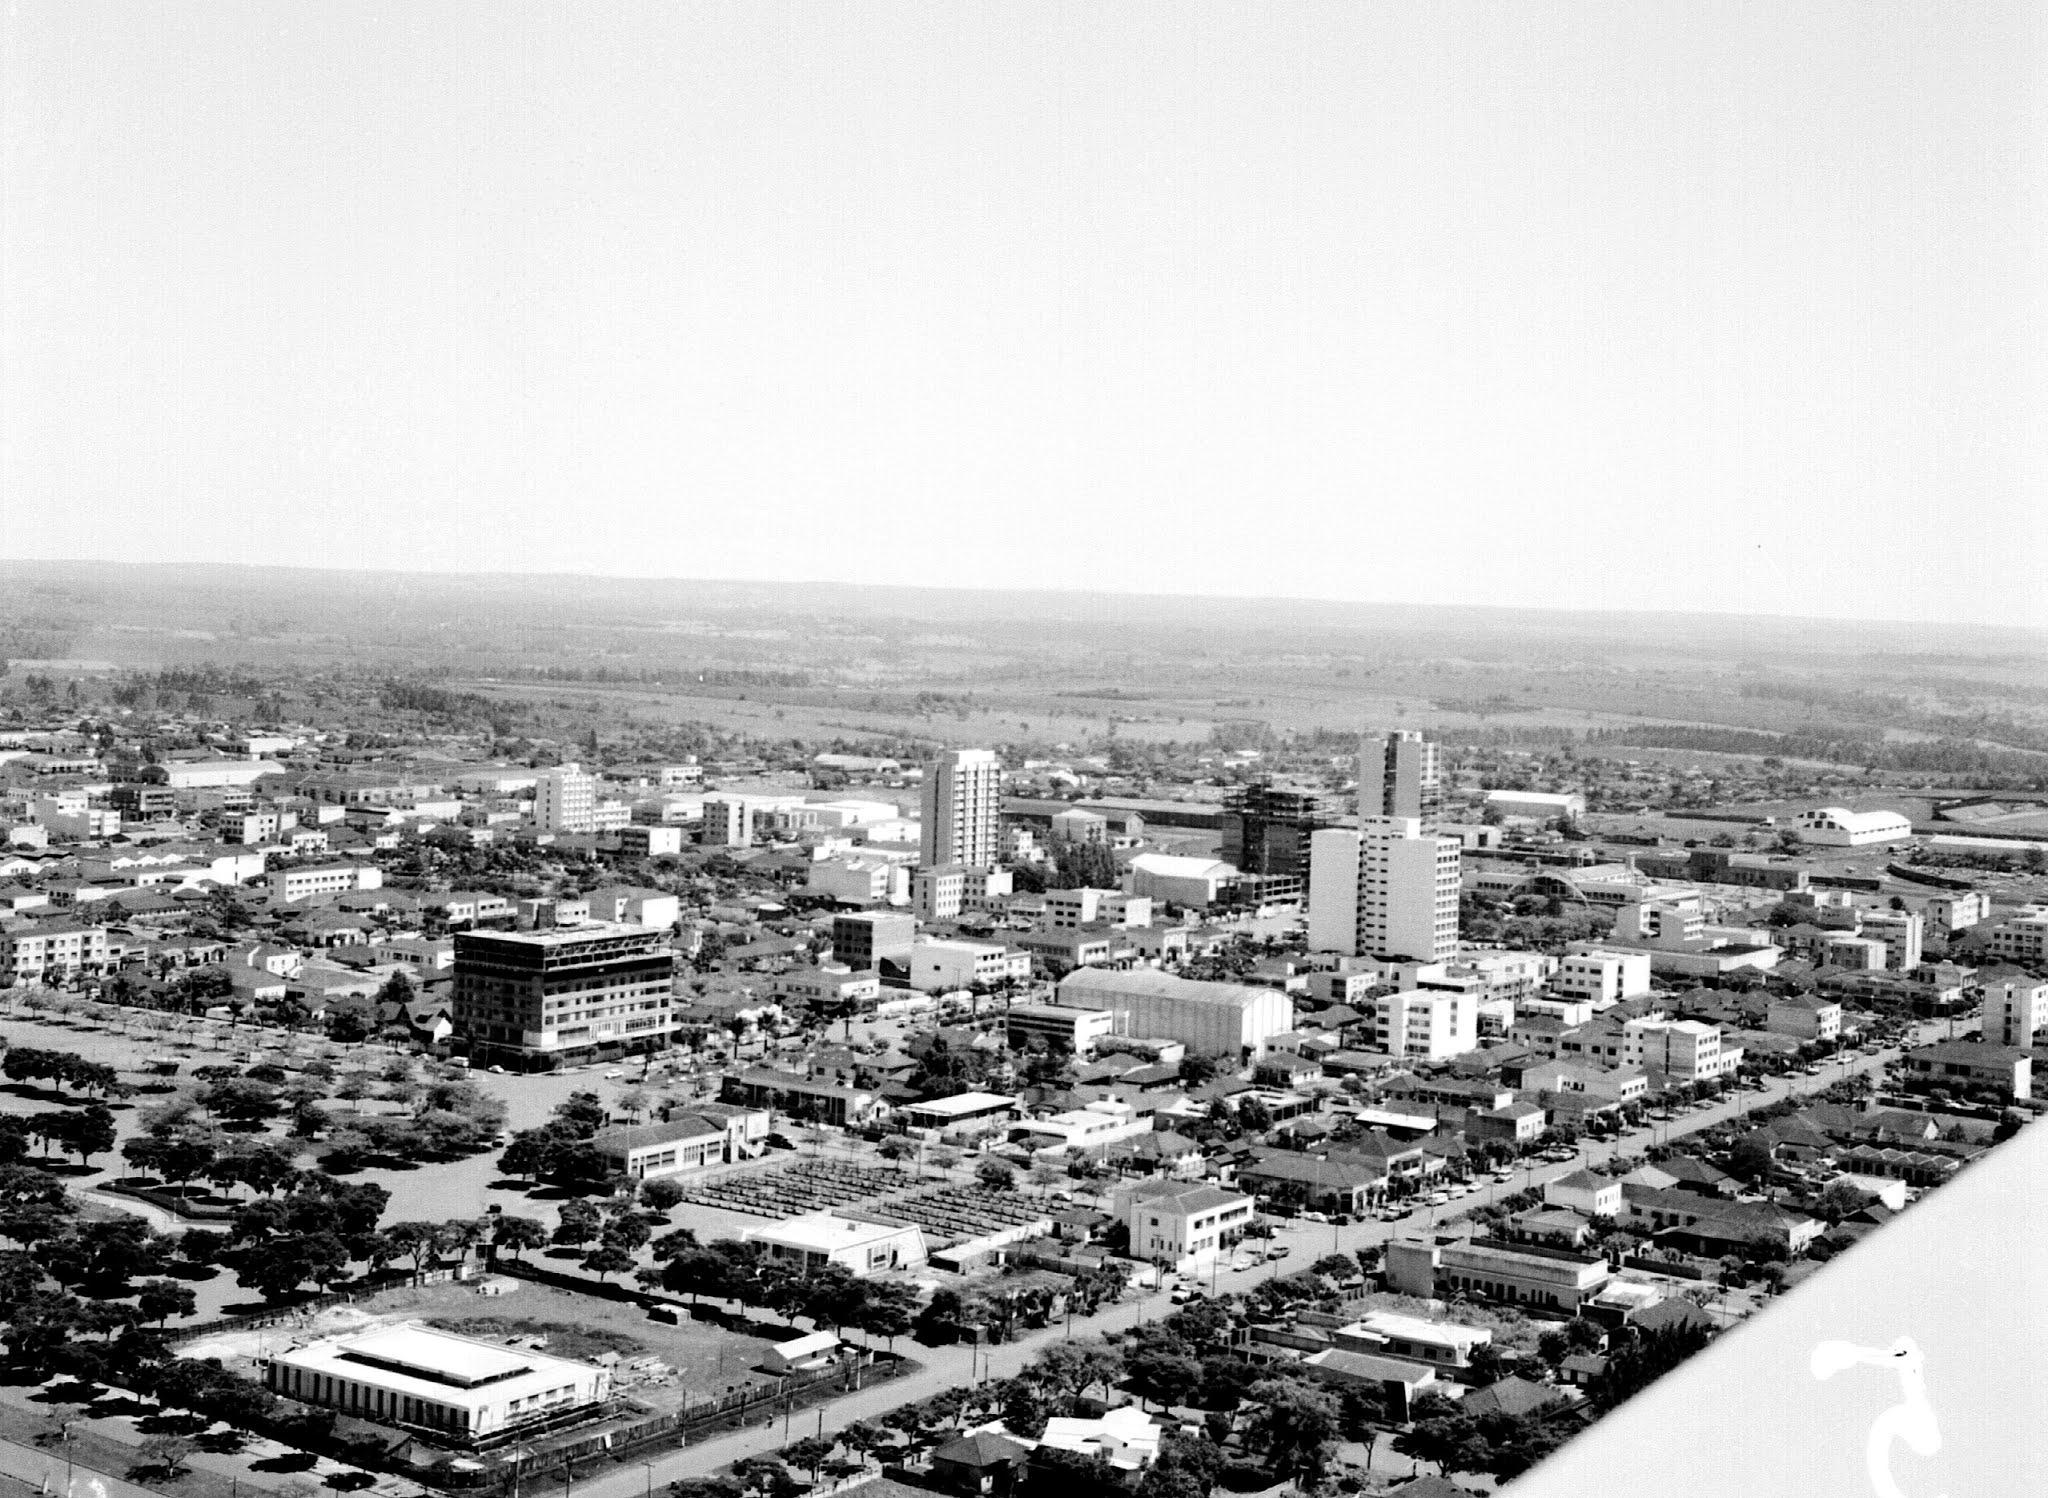 Vista aérea do centro - Anos 1960